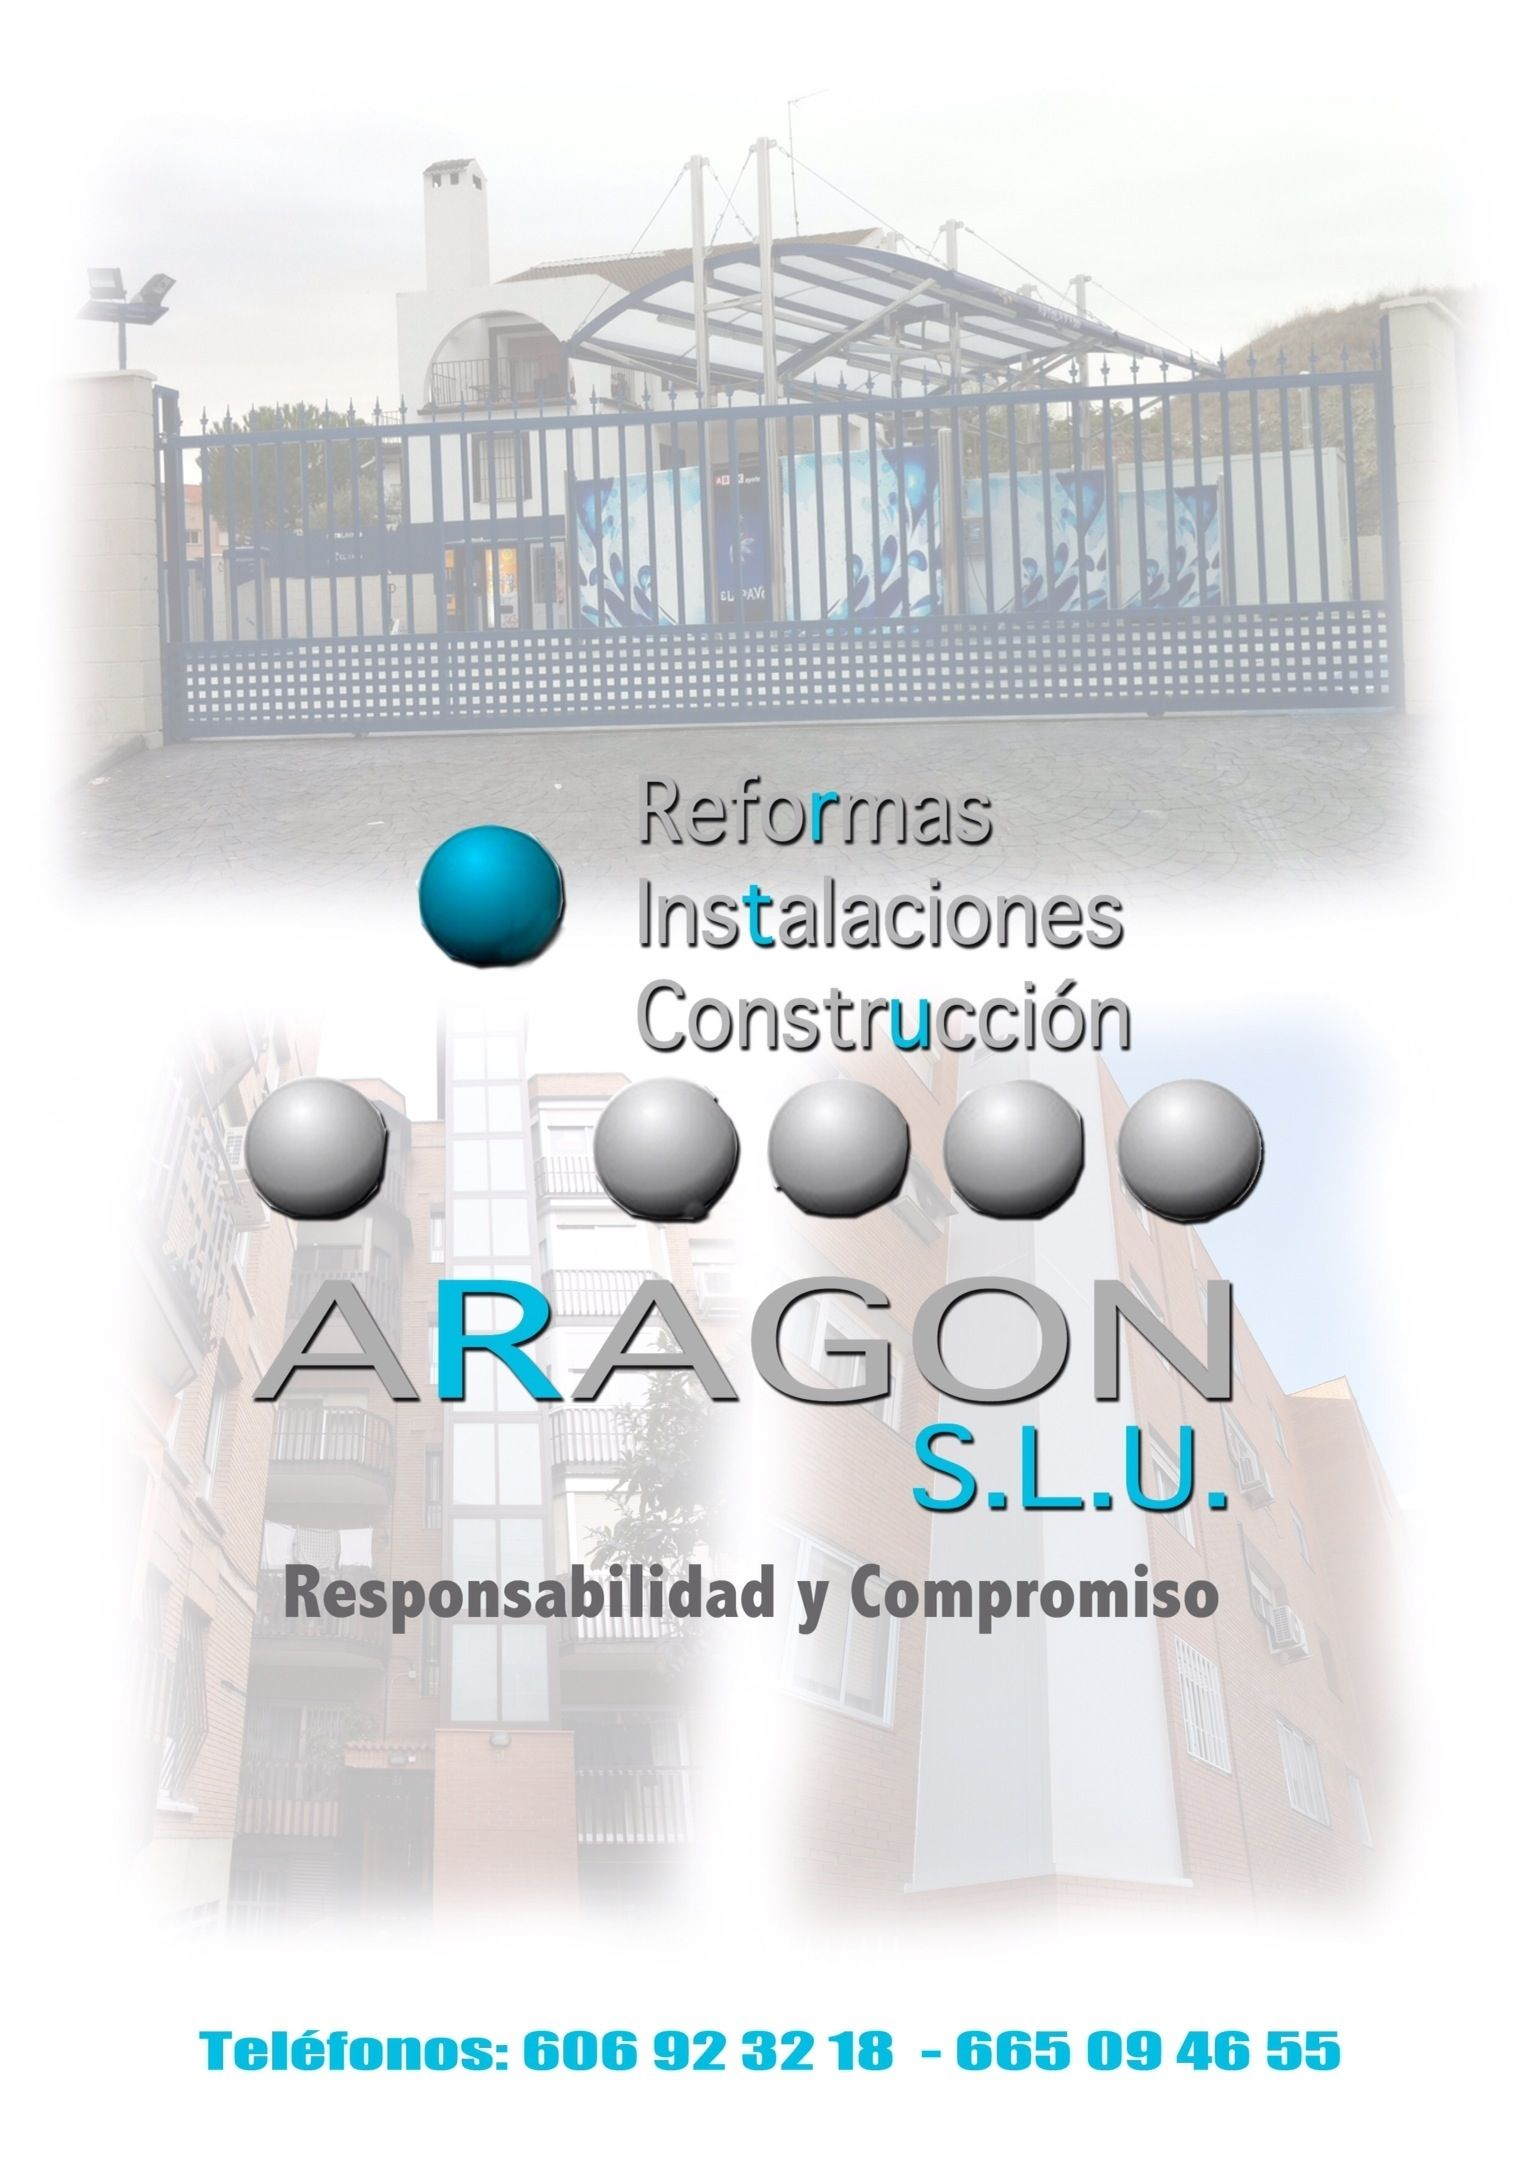 Foto 103 de Albañilería y Reformas en Madrid | REFORMAS, INSTALACIONES Y CONSTRUCCION ARAGON SLU